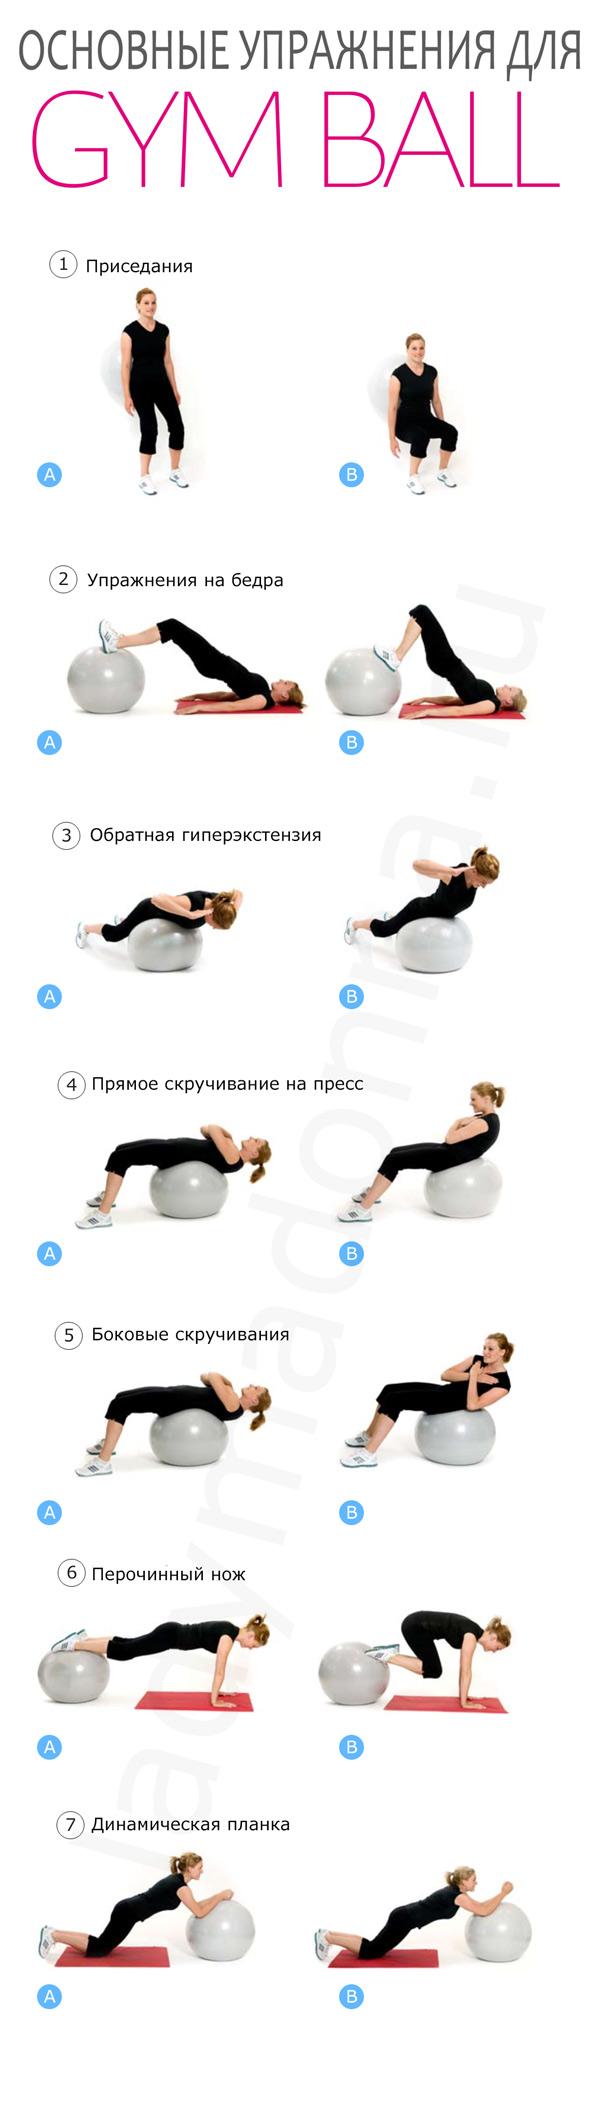 Упражнения для быстрого похудения живота и ног